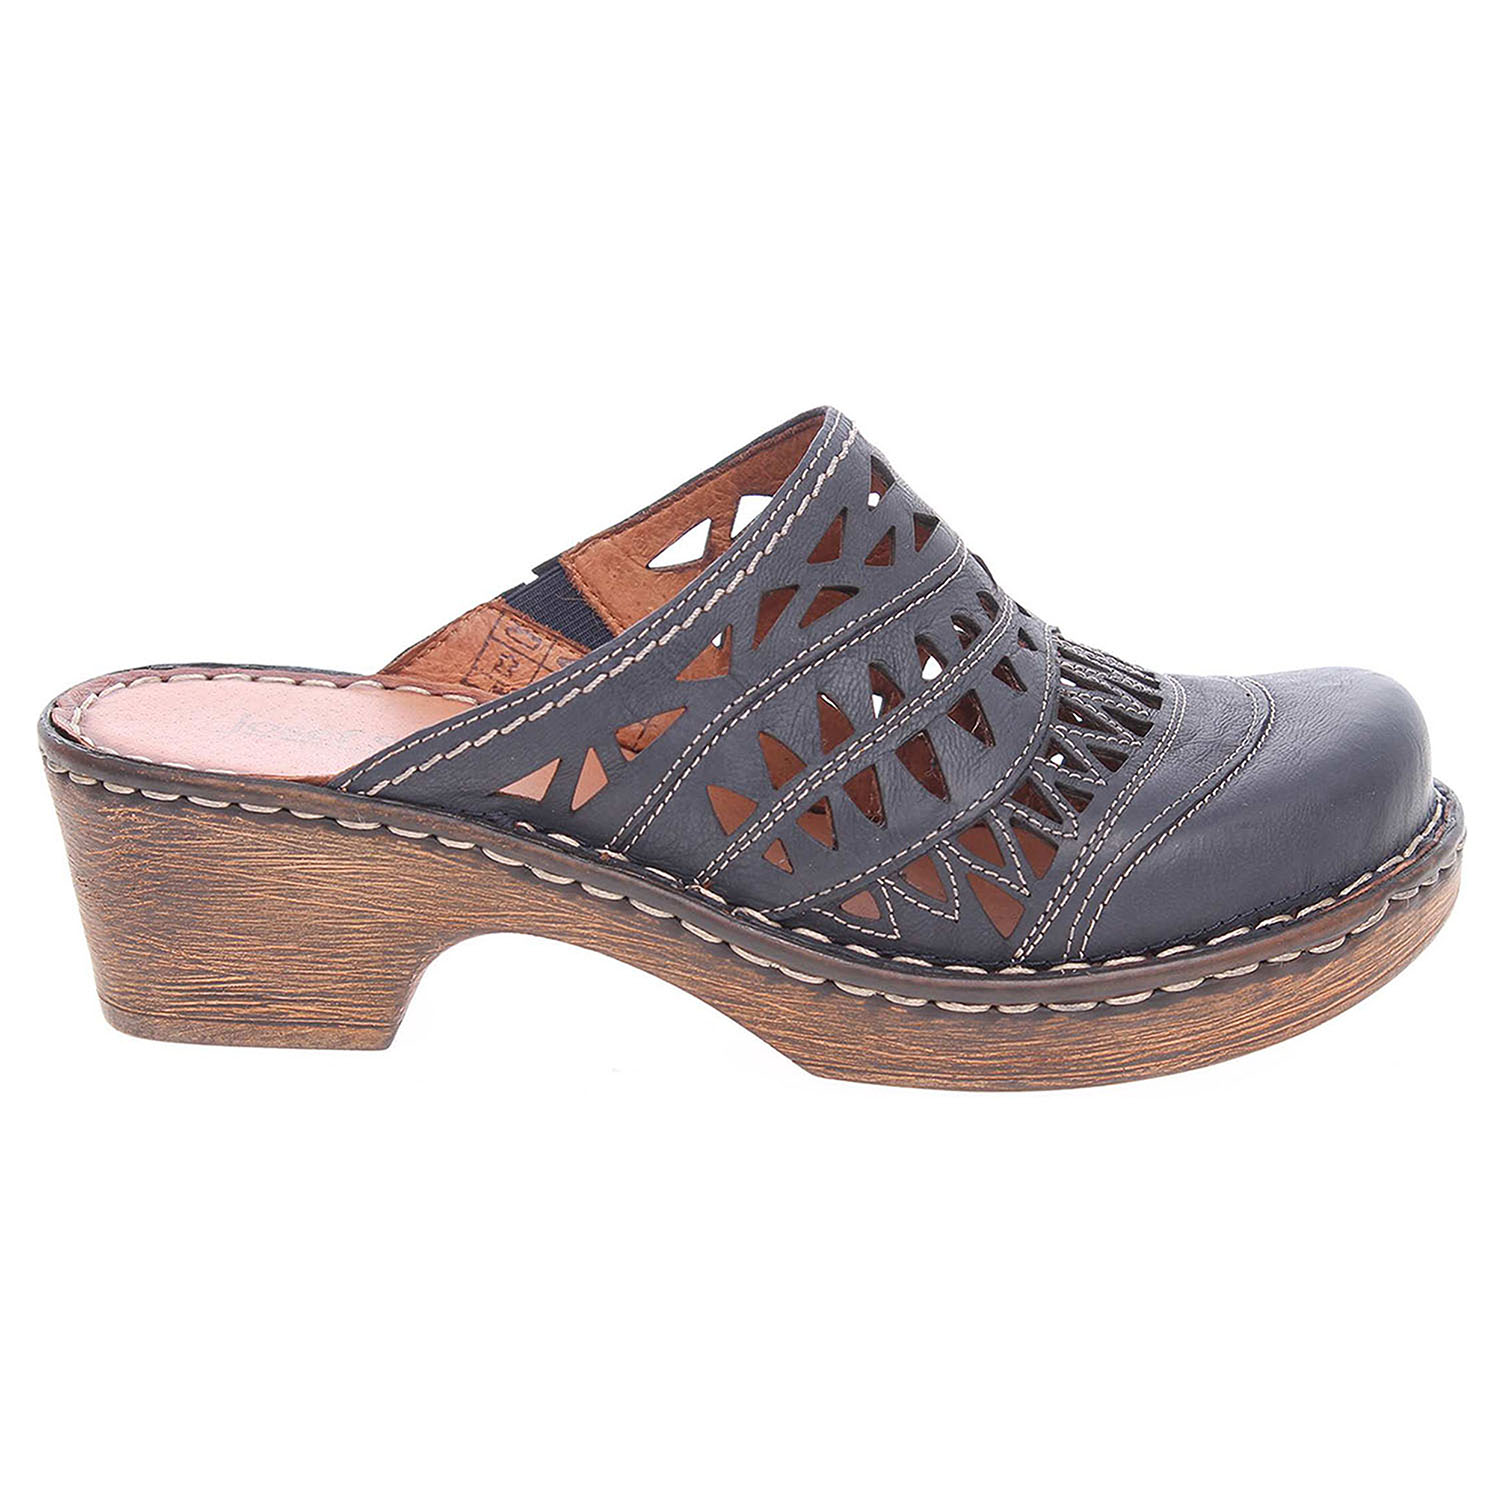 Ecco Josef Seibel dámské pantofle 62949 720530 modré 23600810